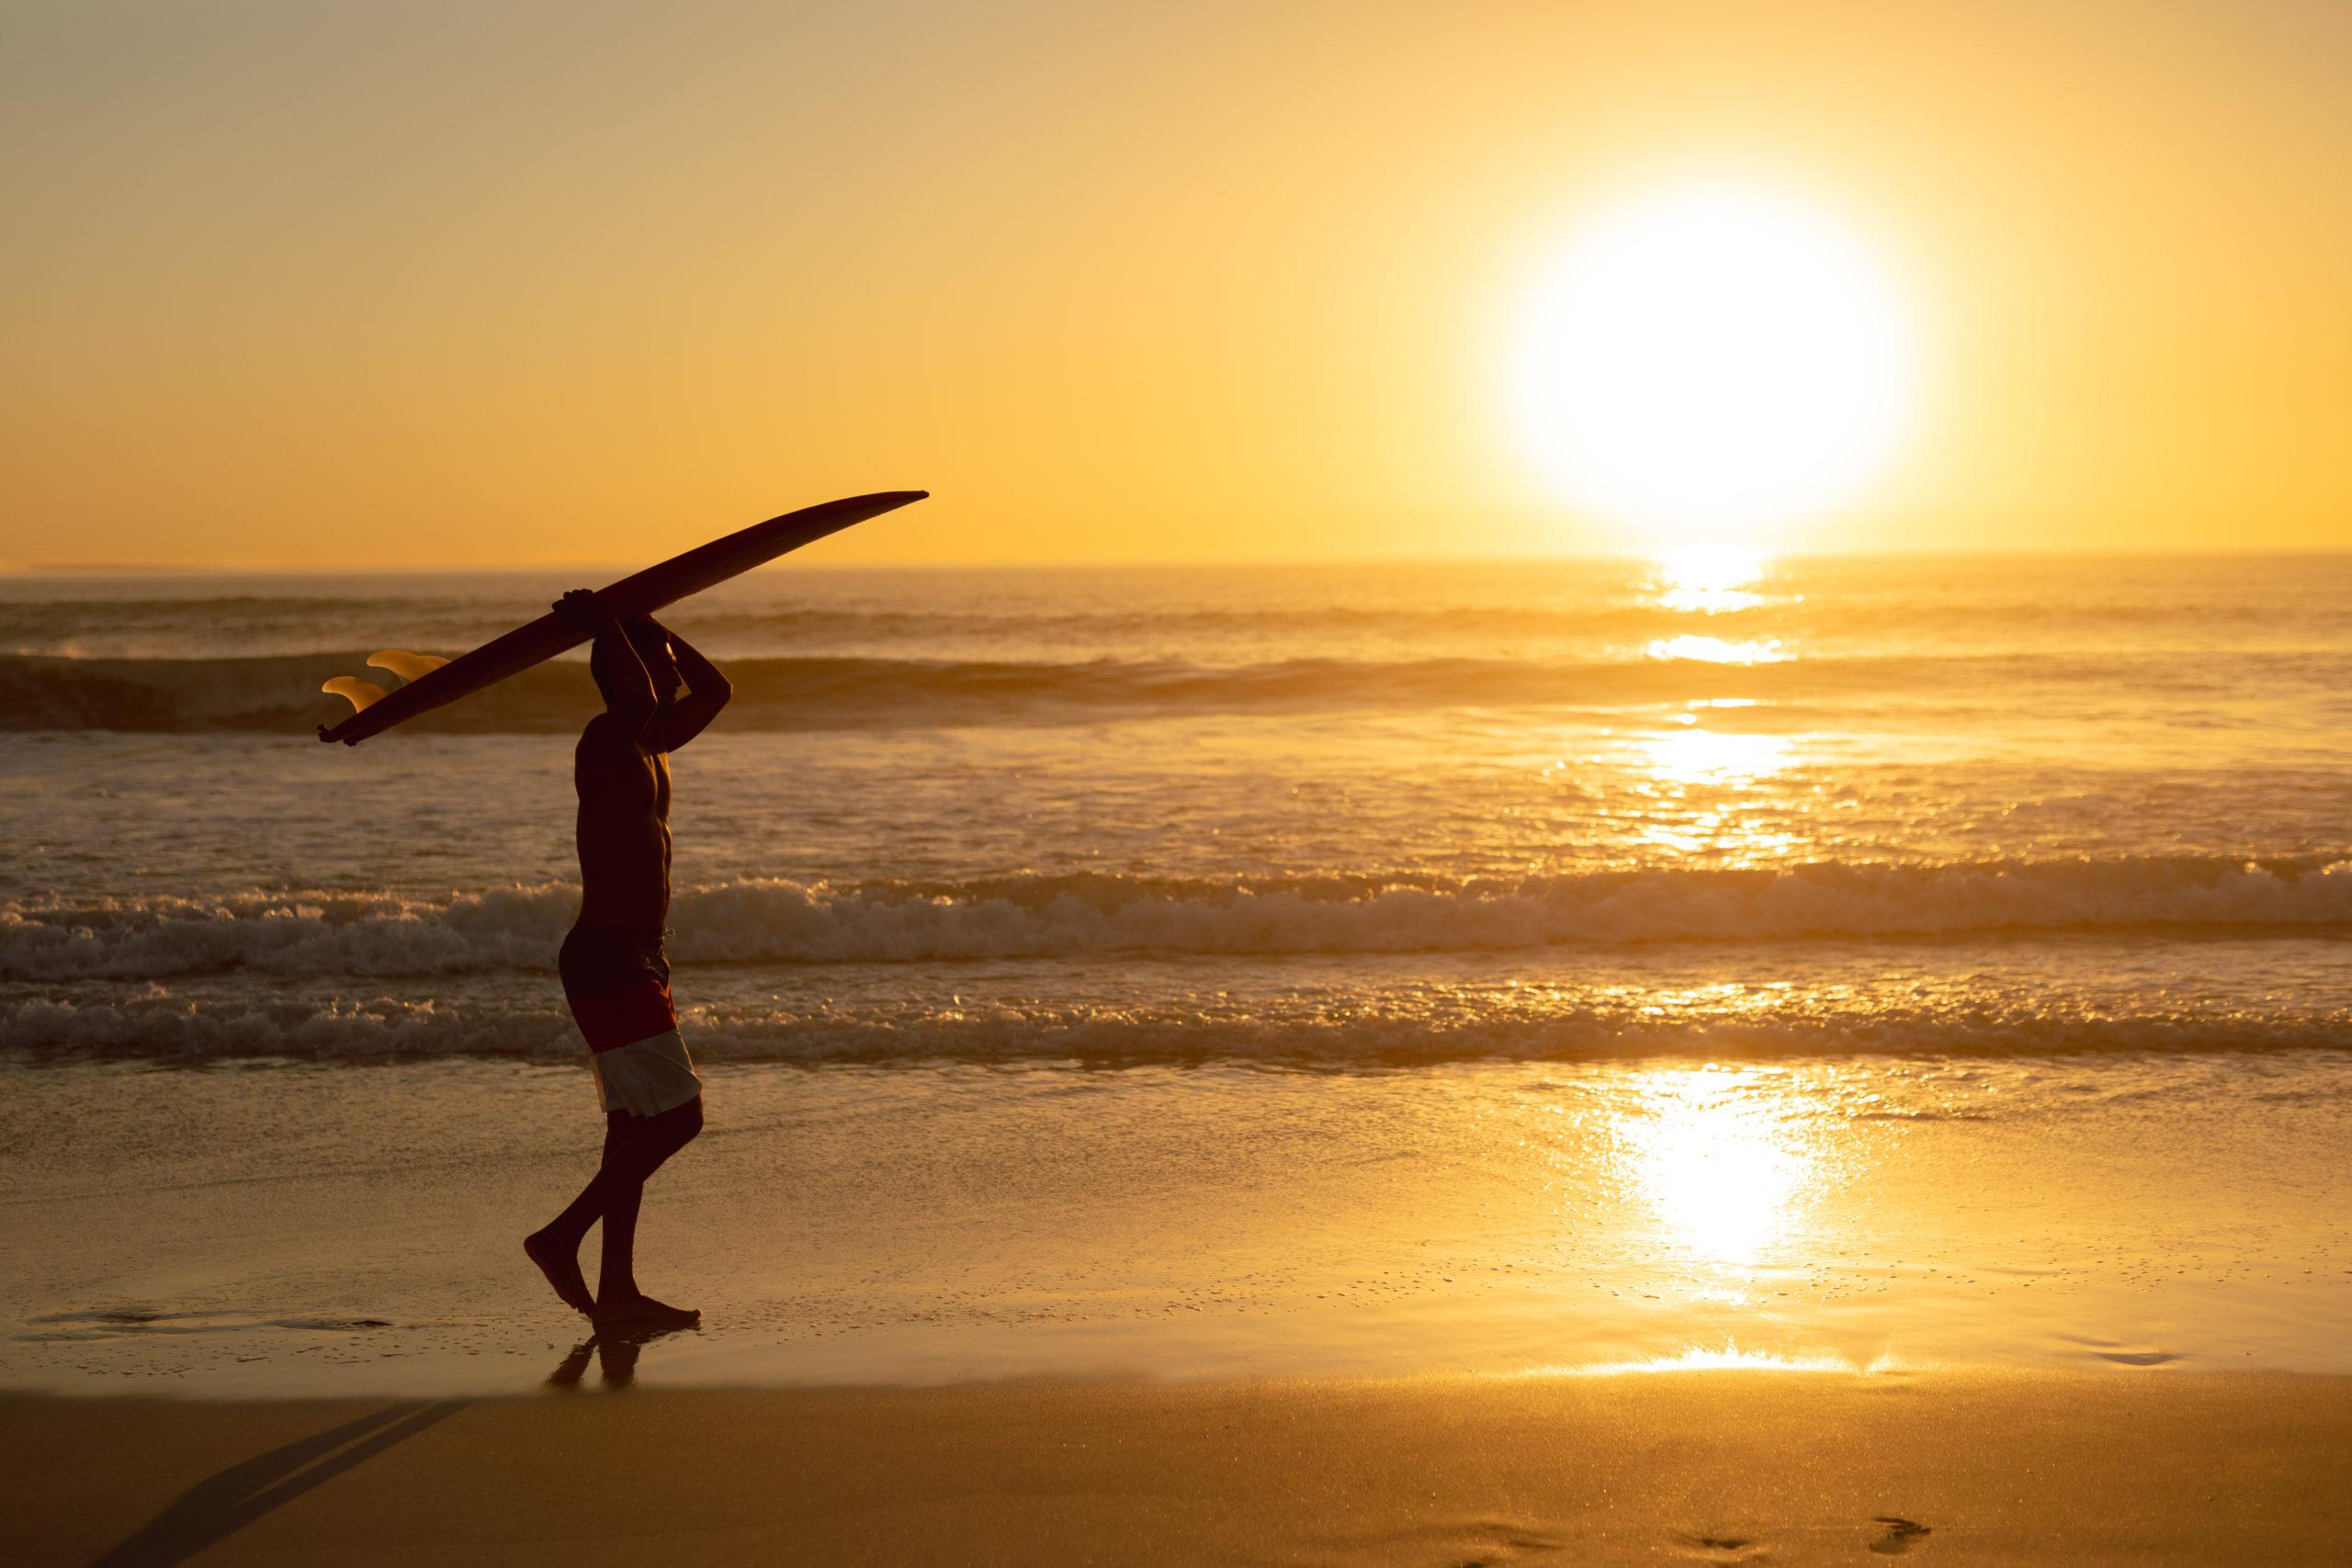 itinéraire_de_voyage_surfer_cape_town_sunset_afrique_du_sud